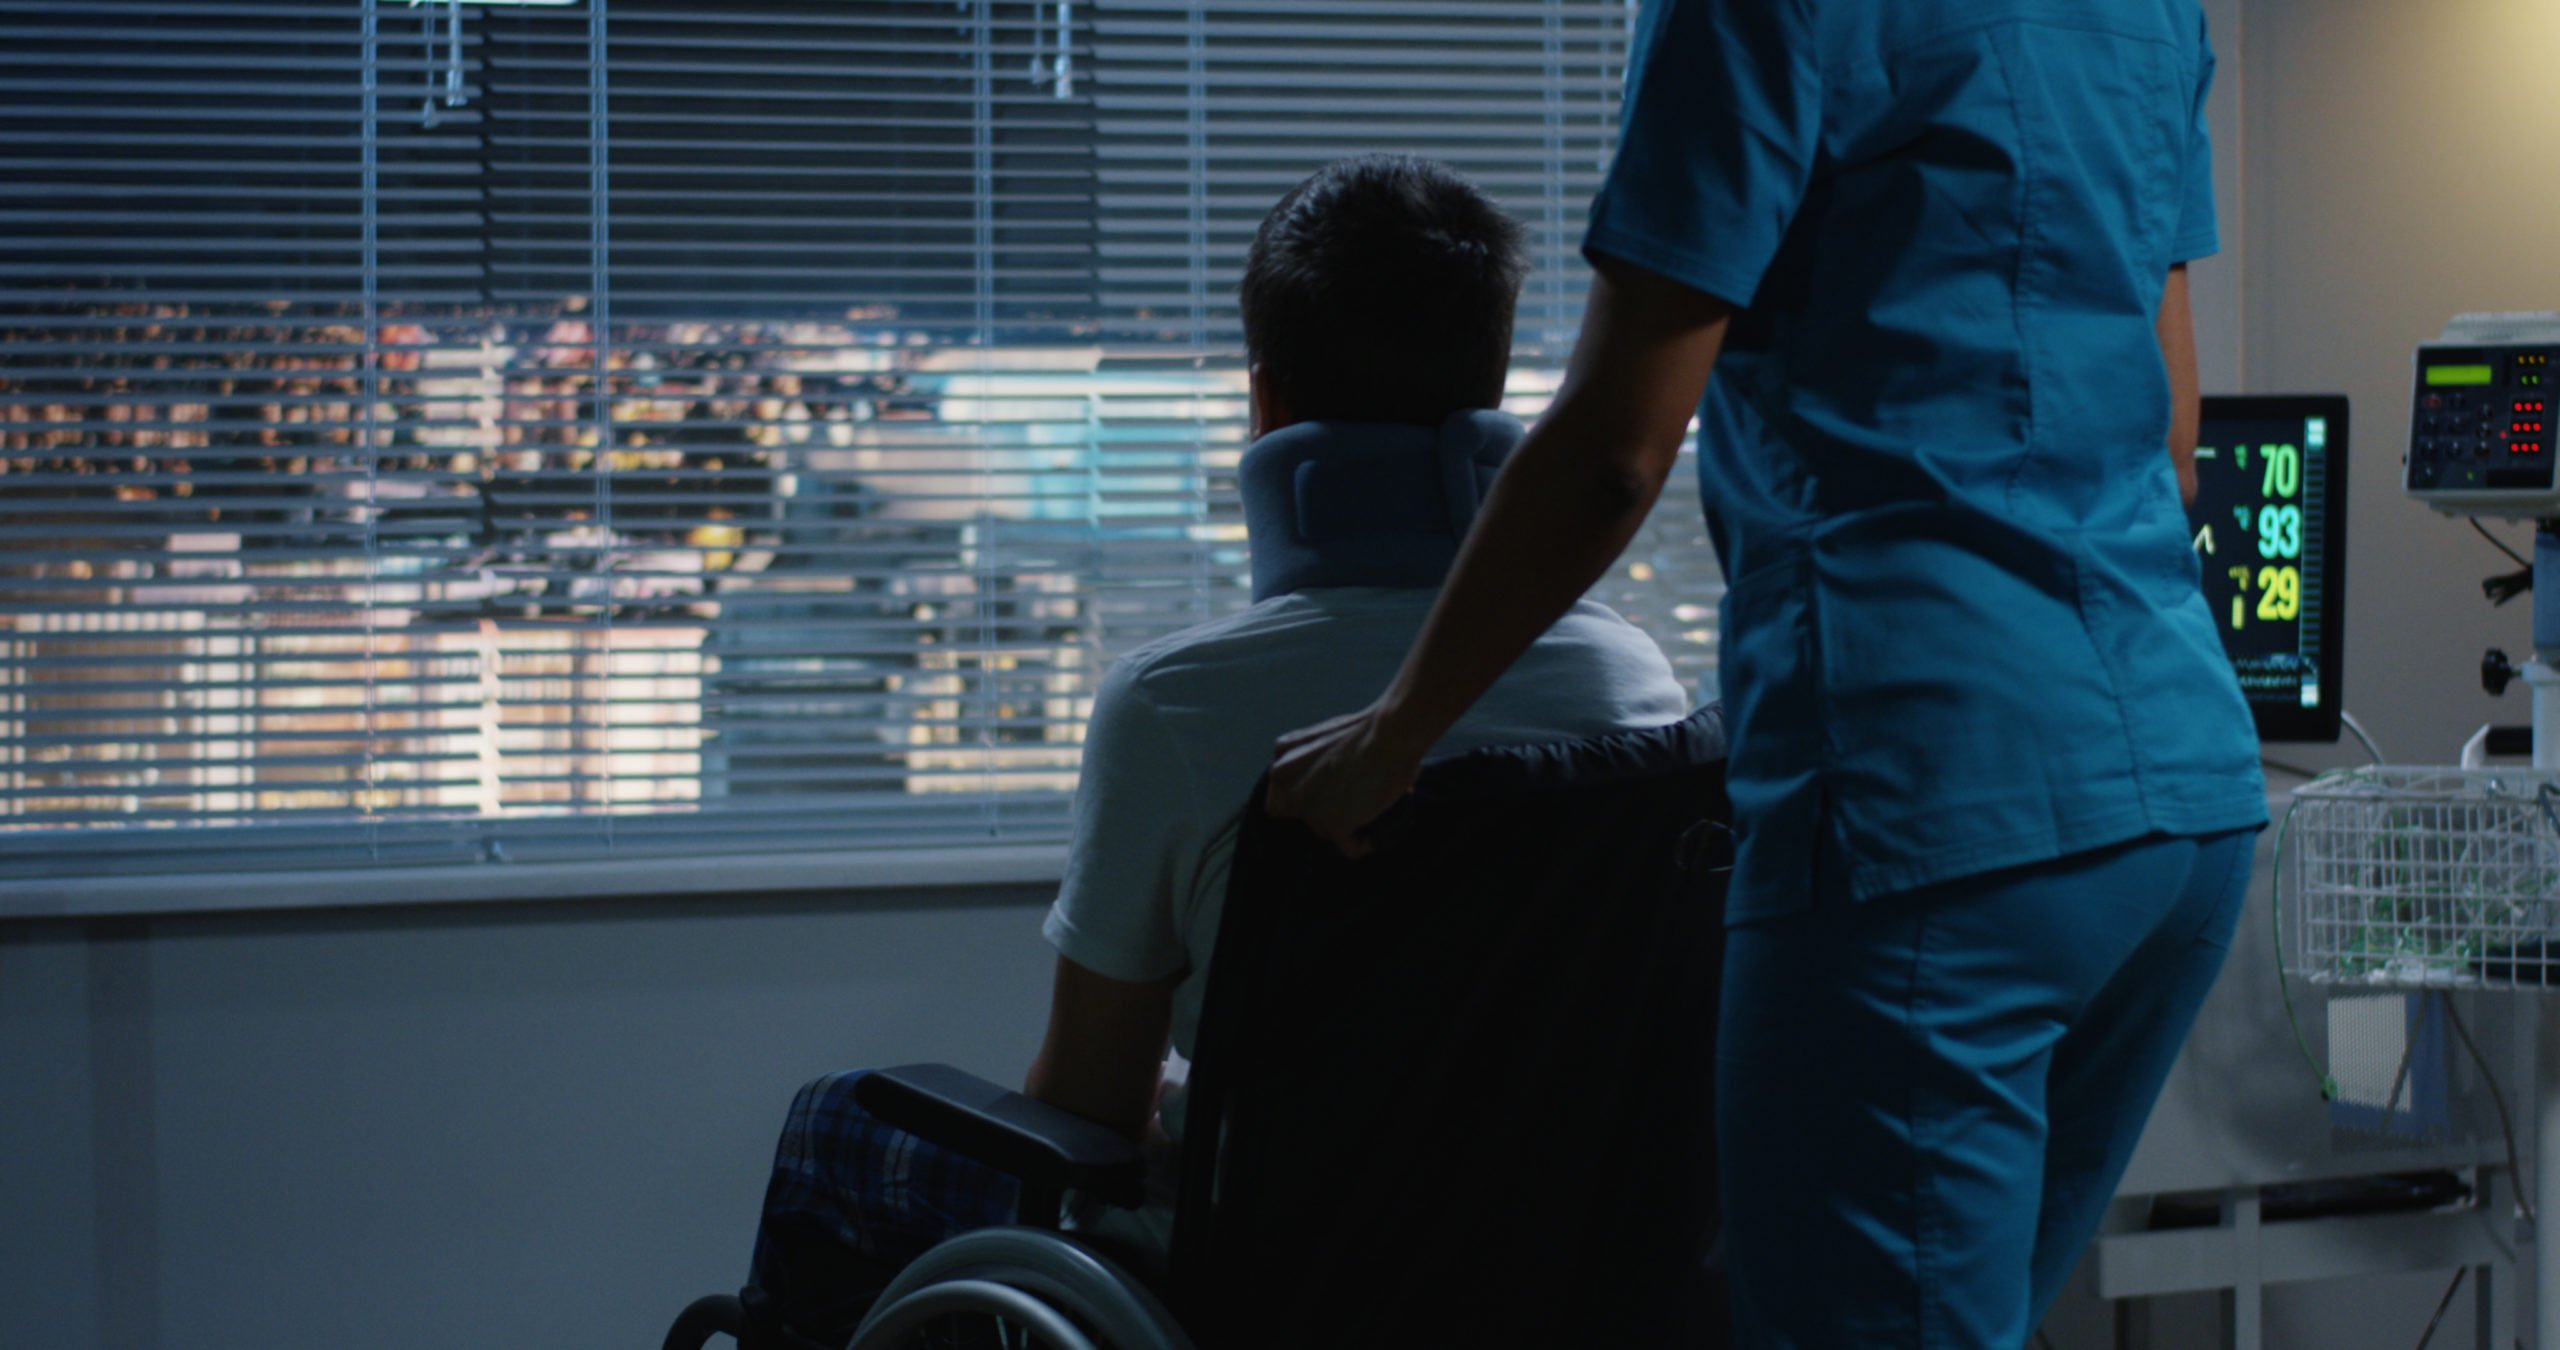 Nachtzorg van Zuster Jansen kan een oplossing zijn wanneer de mantelzorg overbelast is. Nachtzorg bestaat uit slaapdiensten en waakdiensten. Ook kunnen wij terminale nachtzorg inzetten.